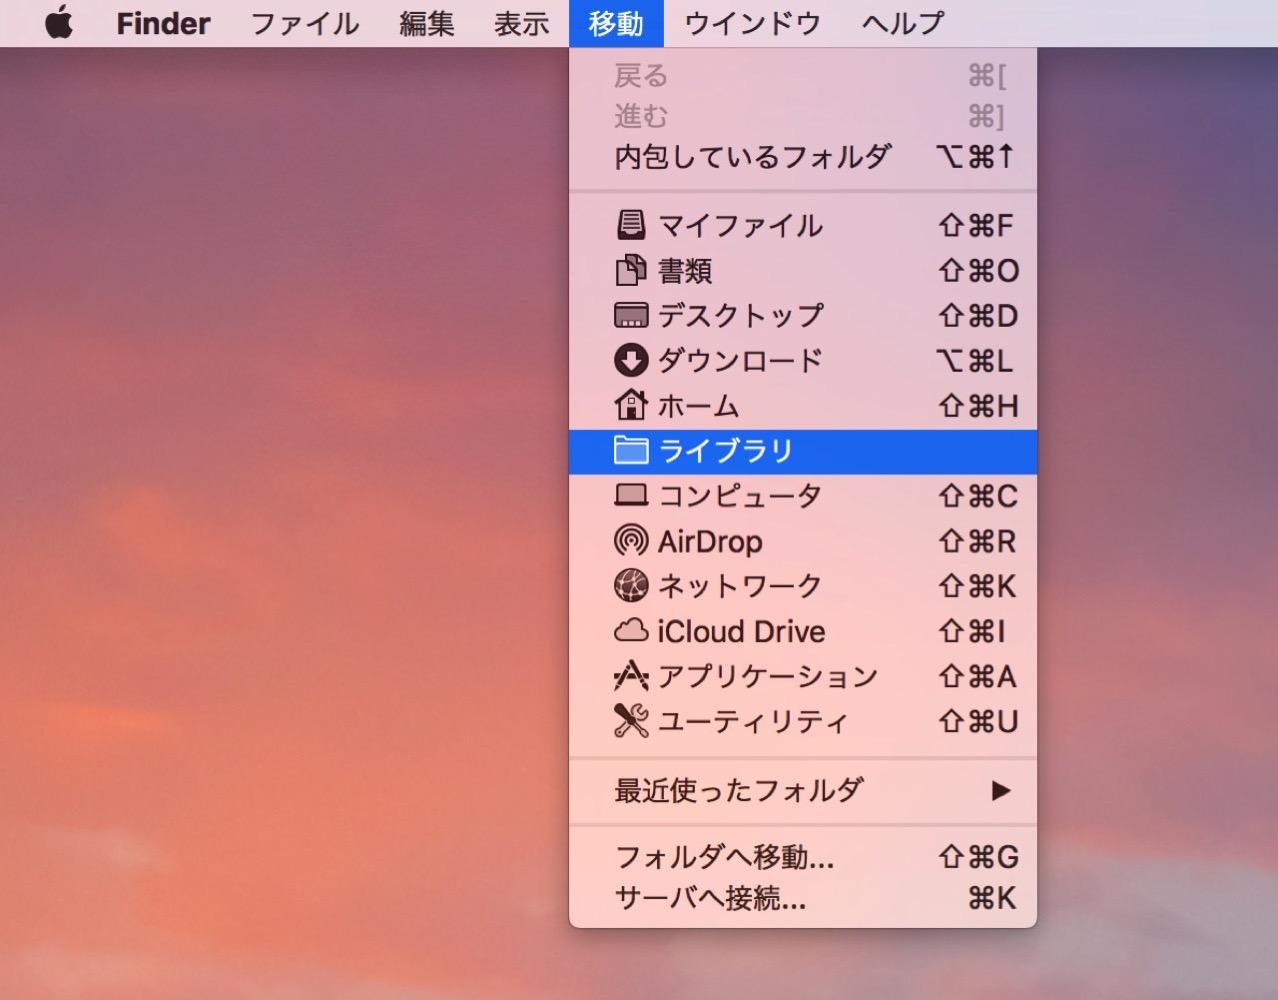 Finderの「移動」を選択してoptionキーを押しながら「ライブラリ」をクリック